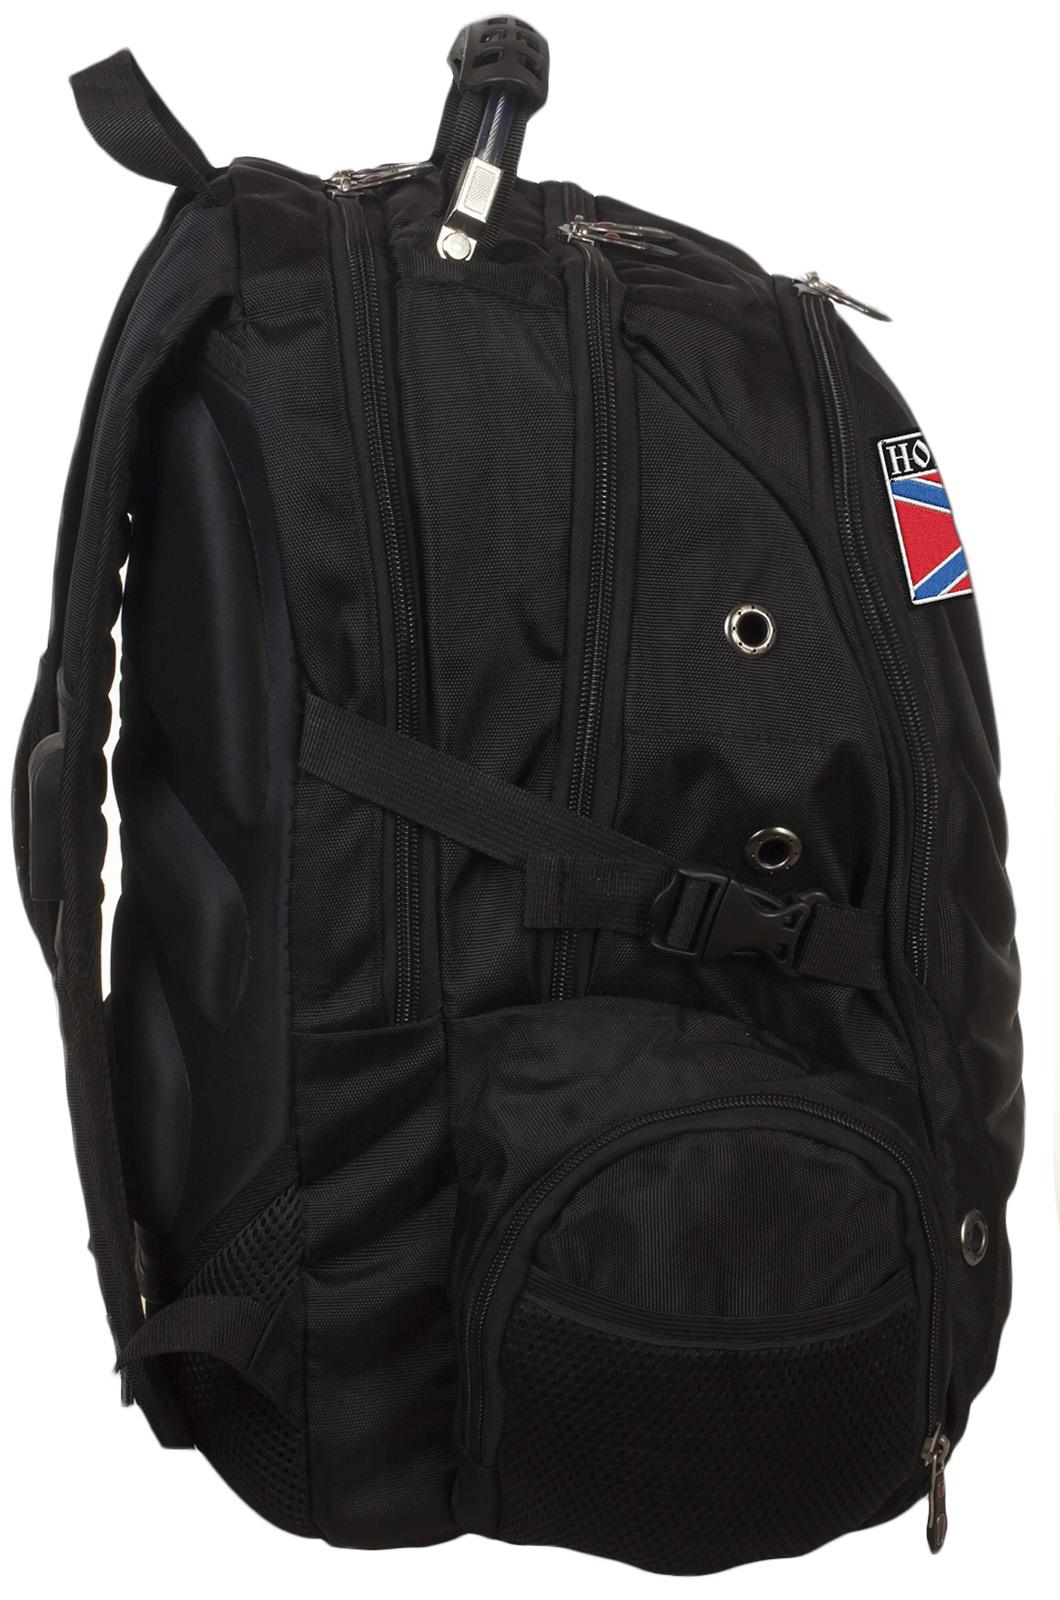 Эргономичный черный рюкзак с нашивкой НОВОРОССИЯ - купить в подарок